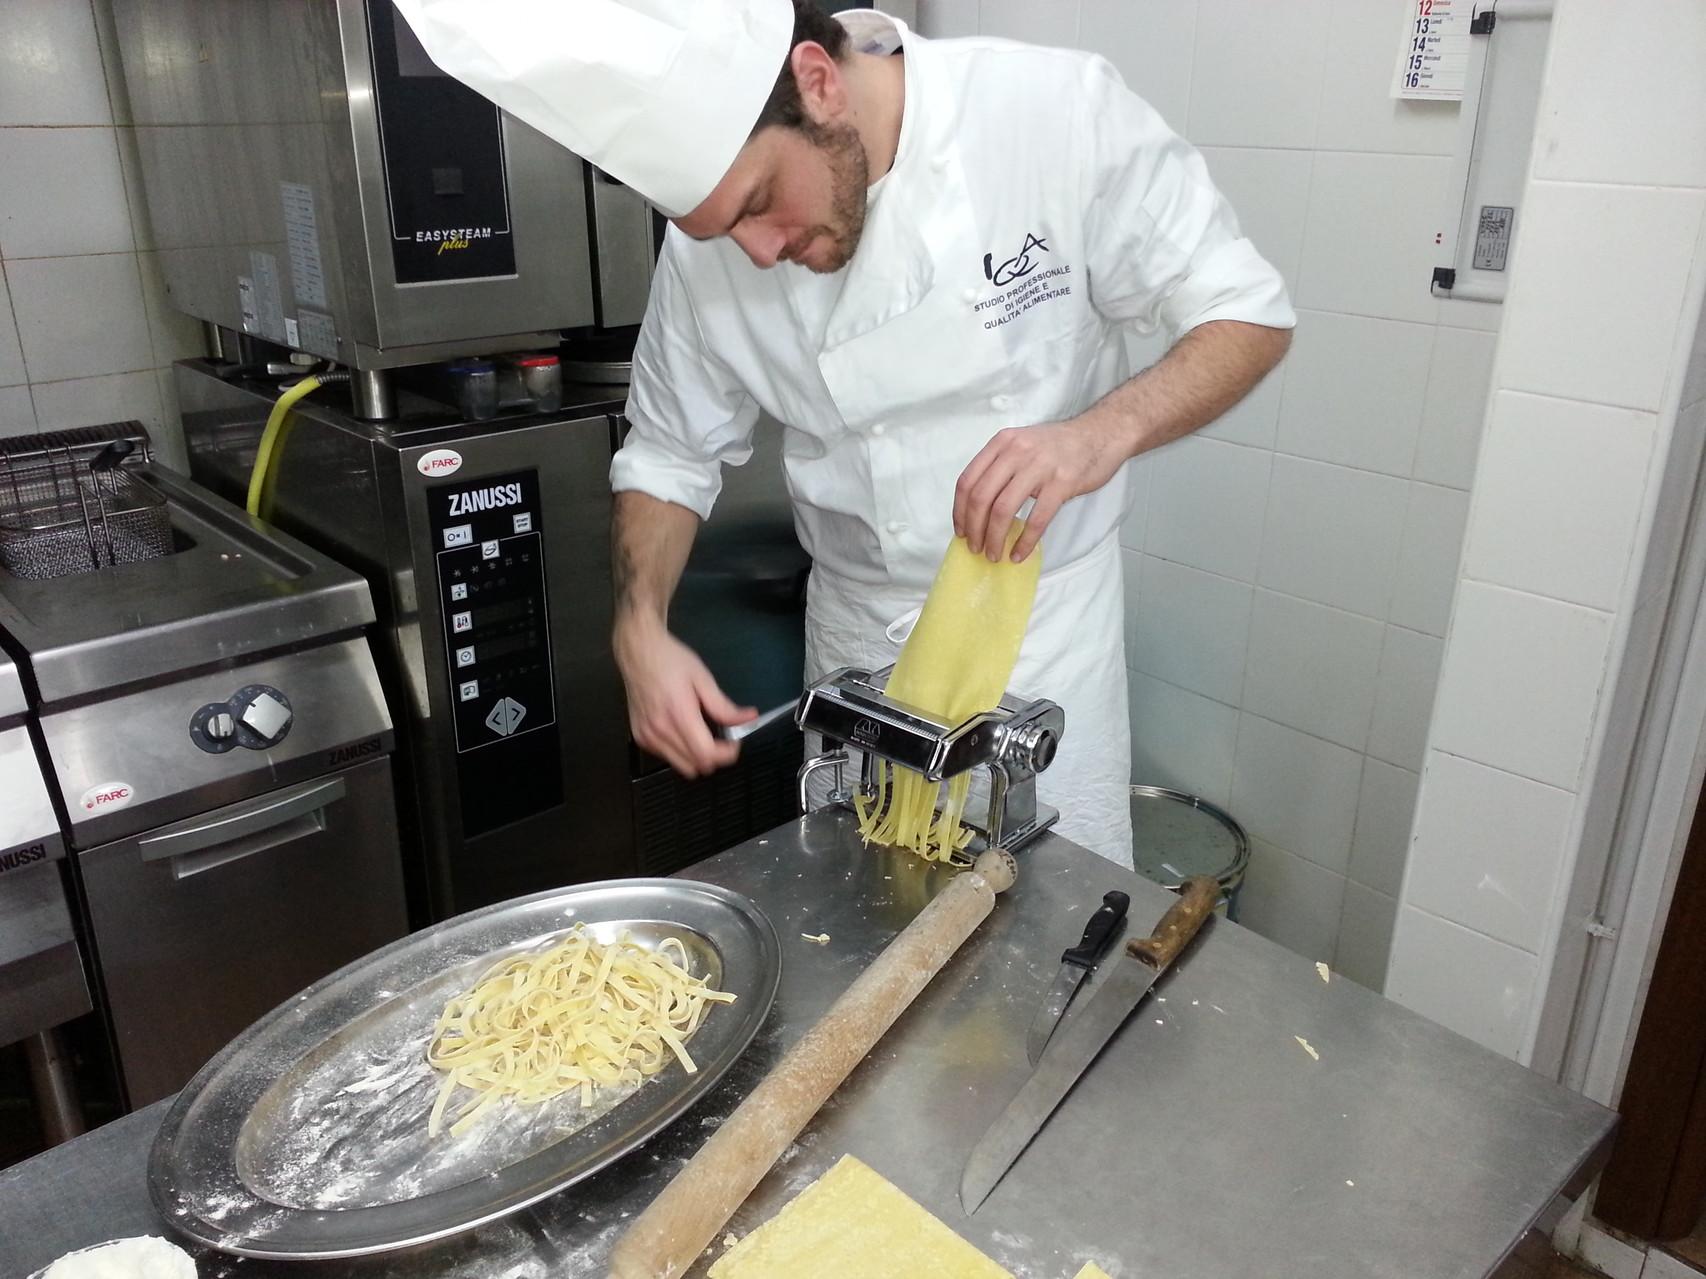 corso professionale per cuoco haccp sicilia